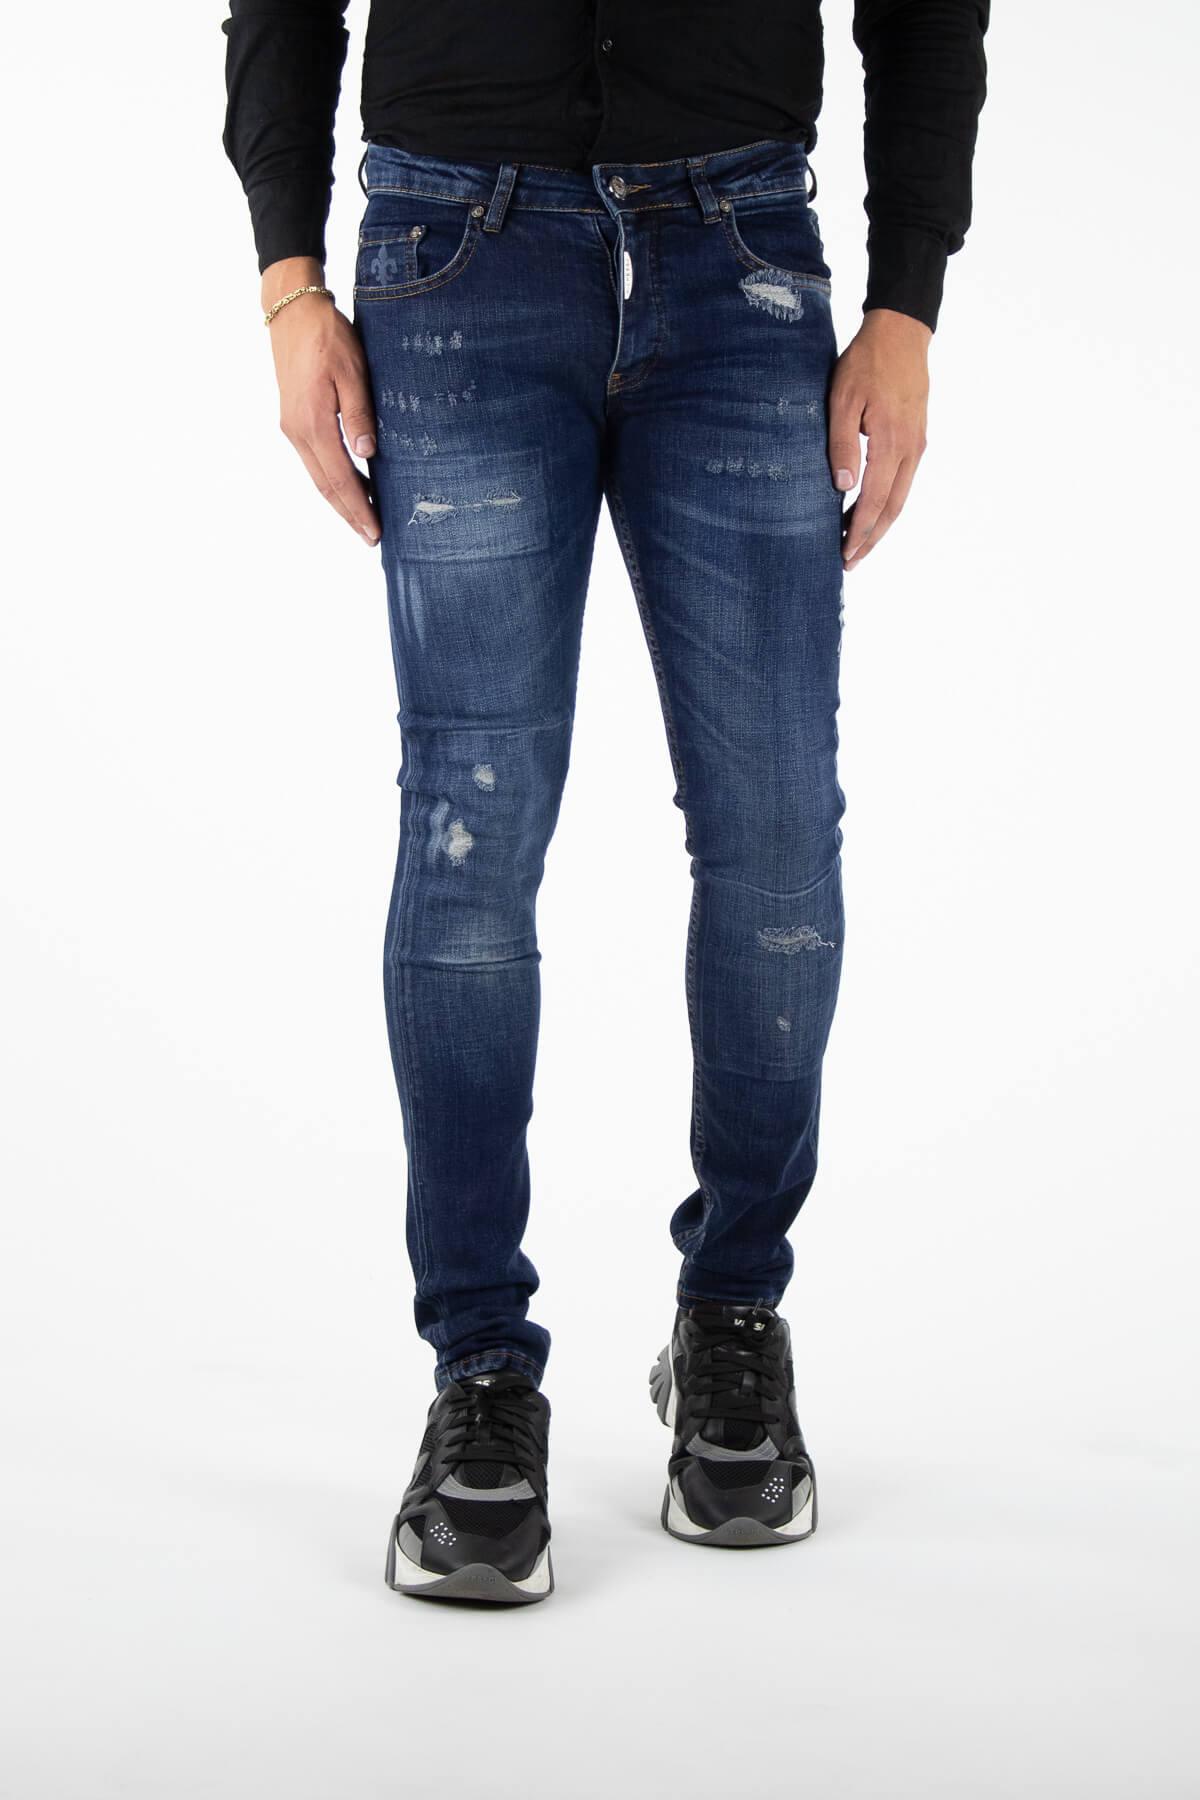 Siena Blue Jeans-1